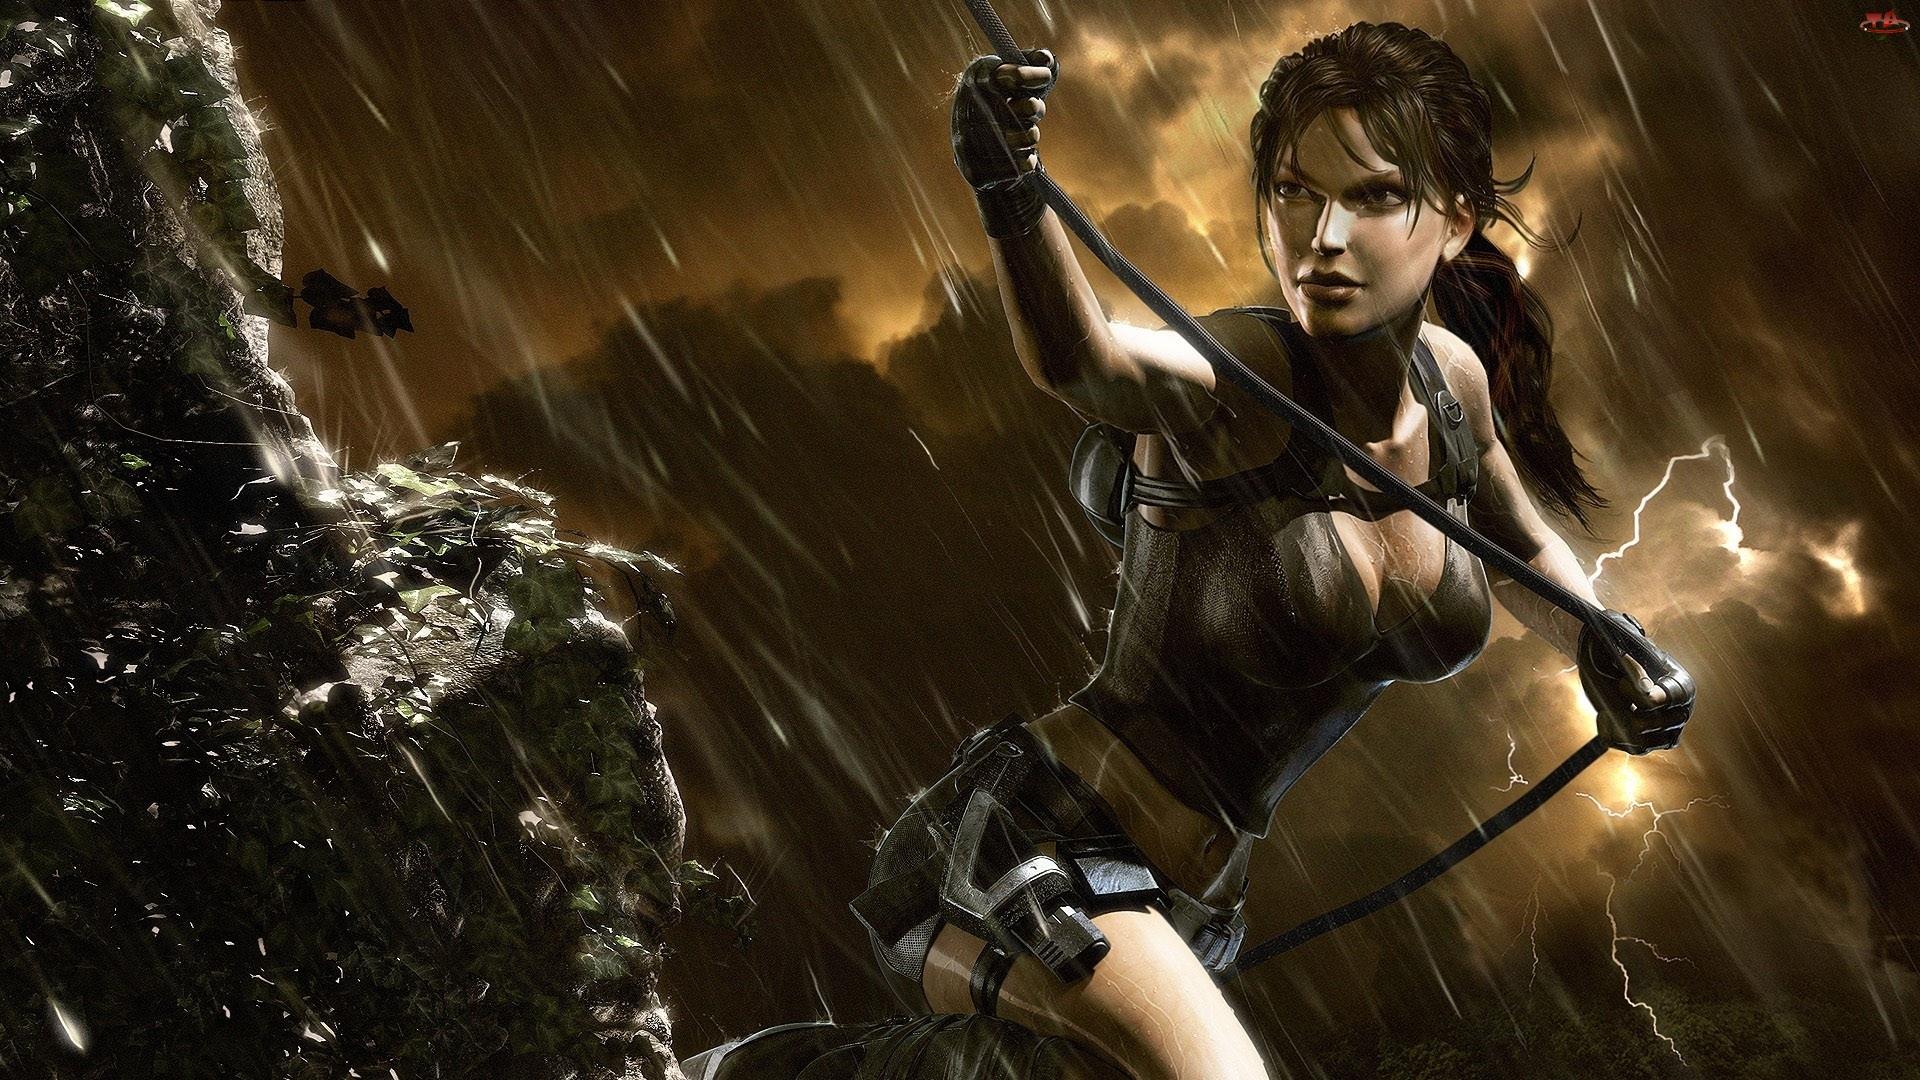 Skały, Lara Croft, Tomb Raider, Deszcz